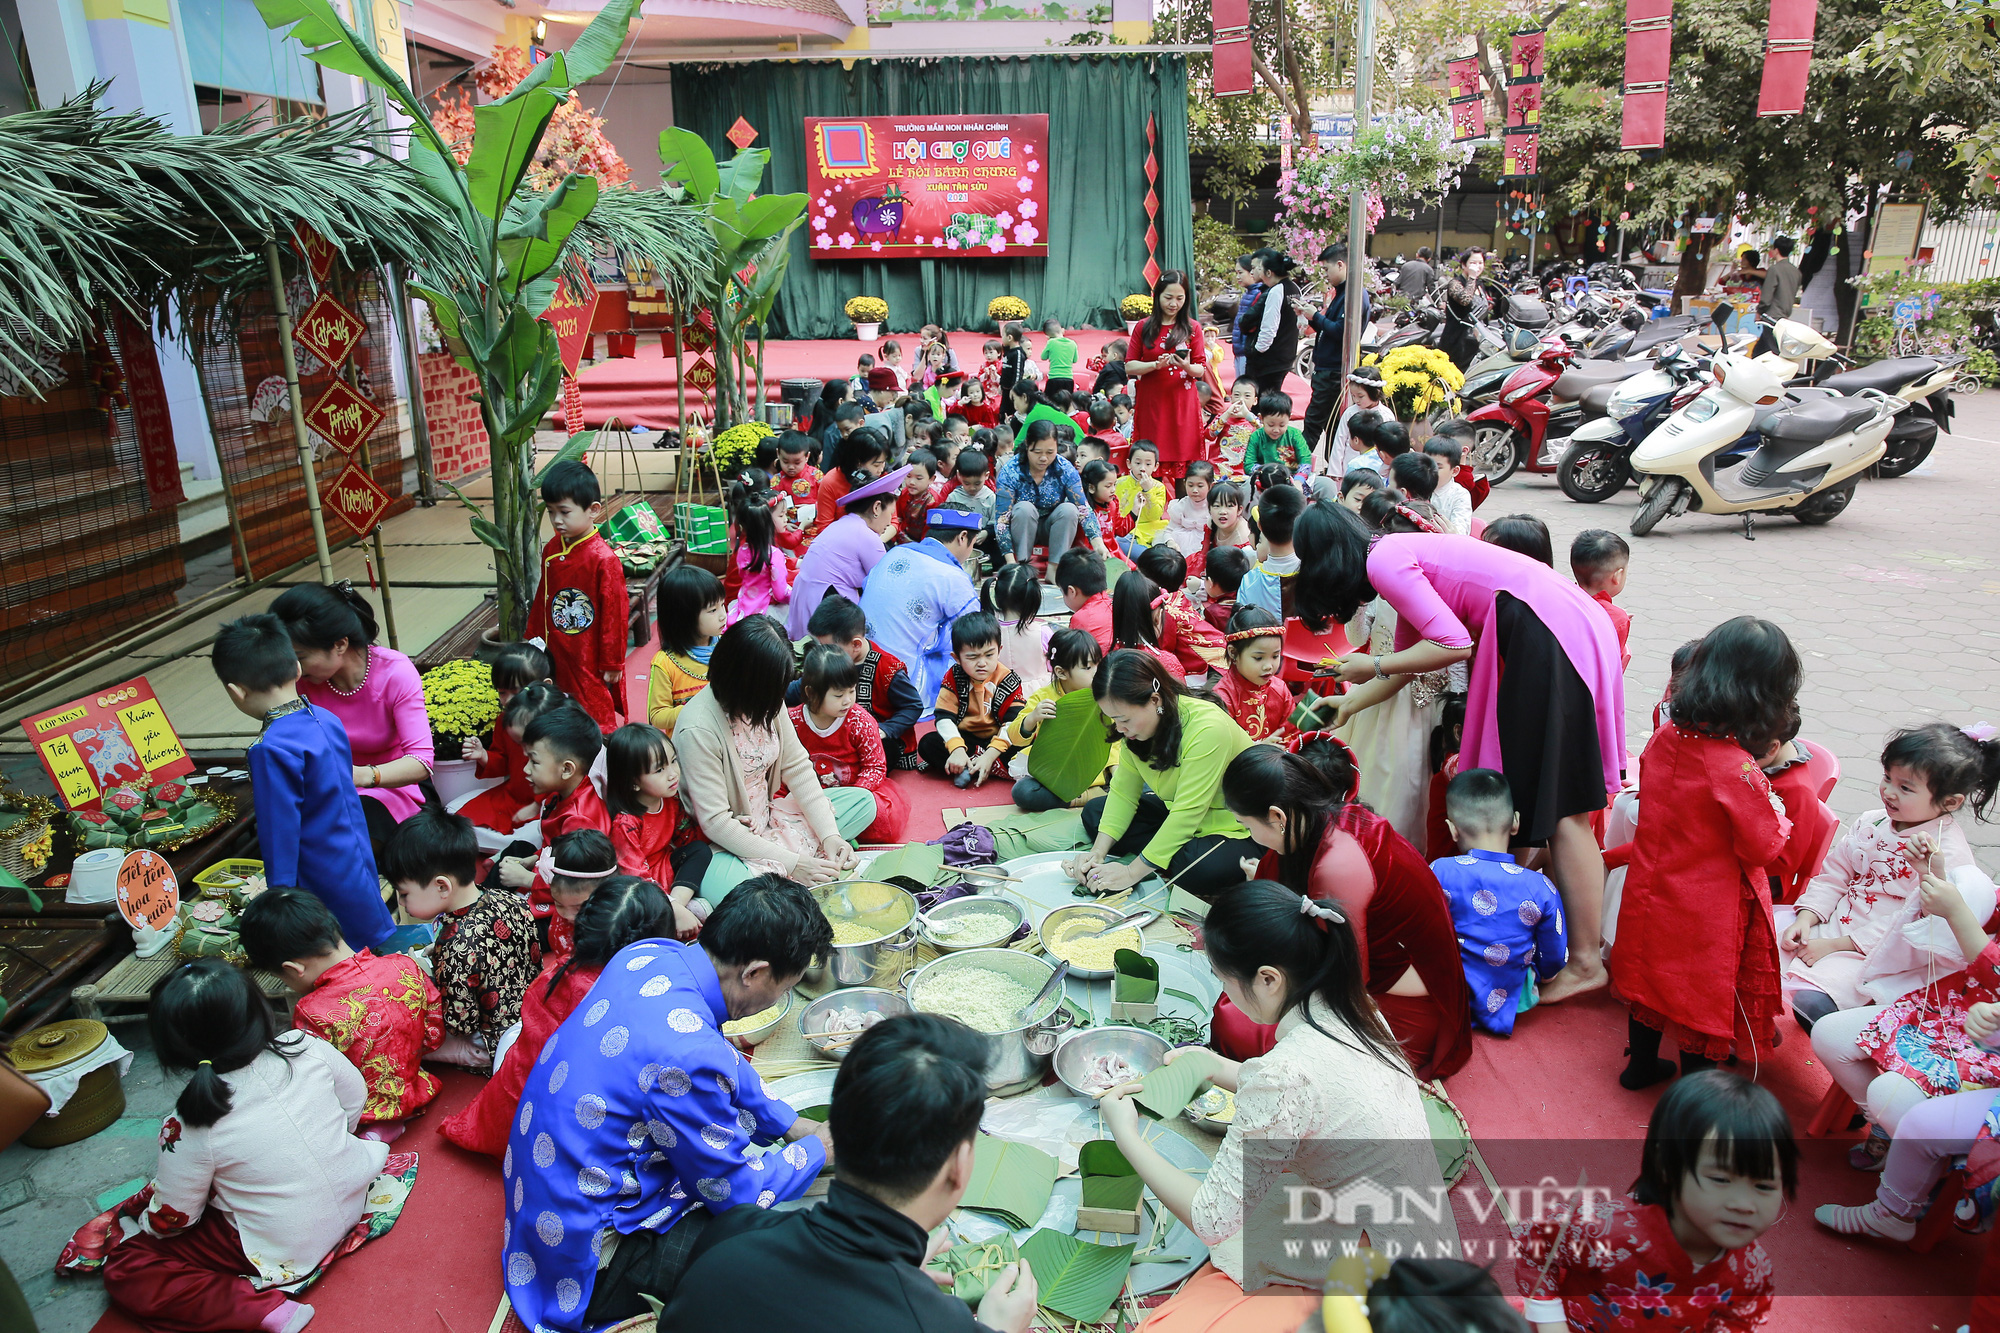 Trẻ em Hà Nội hào hứng khi lần đầu được gói bánh chưng cùng cha mẹ - Ảnh 1.